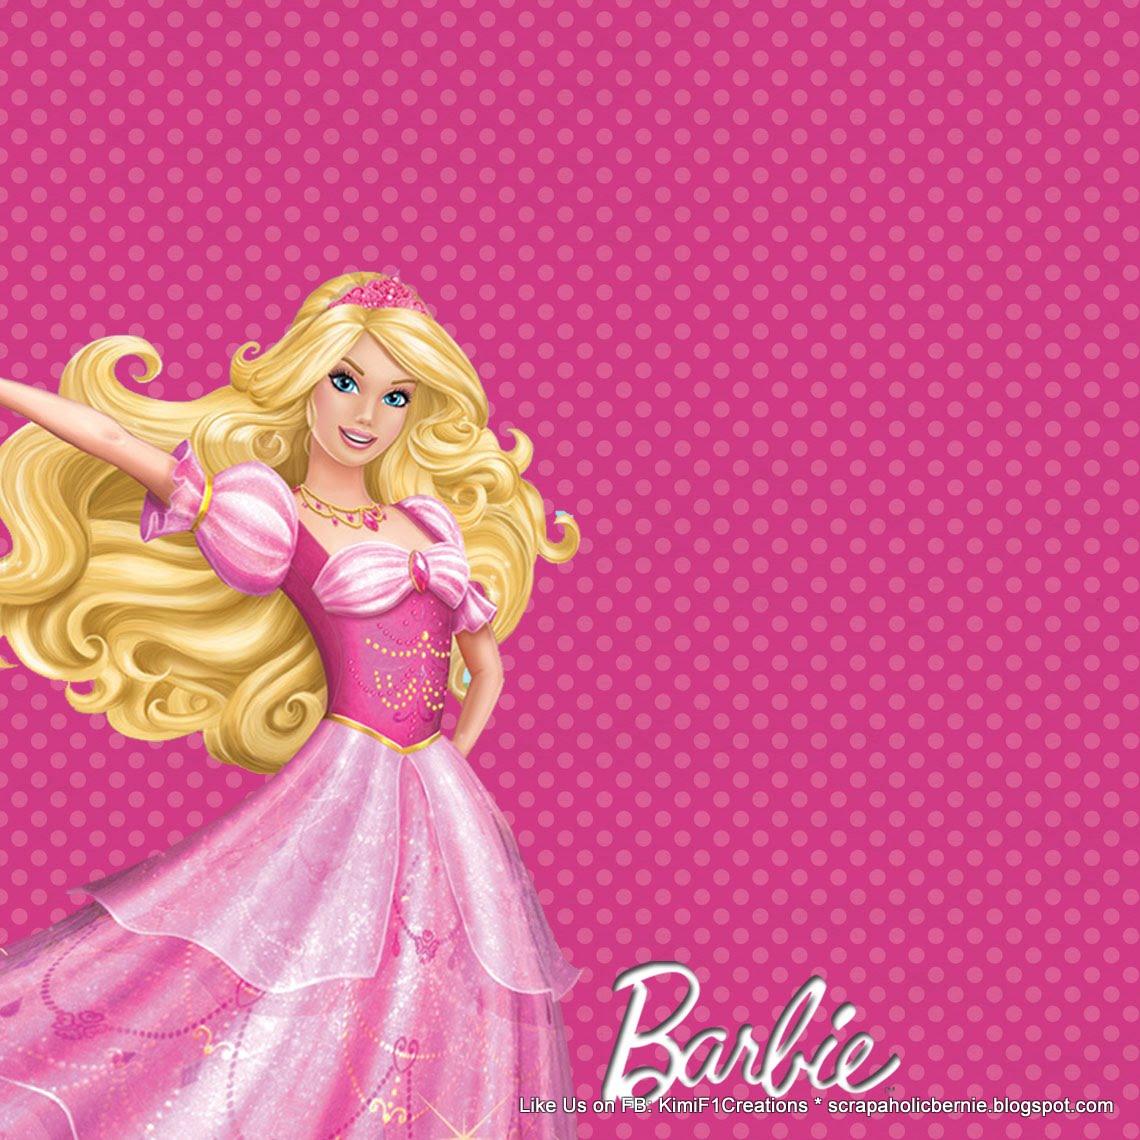 Barbie Invitation Ideas is good invitations layout